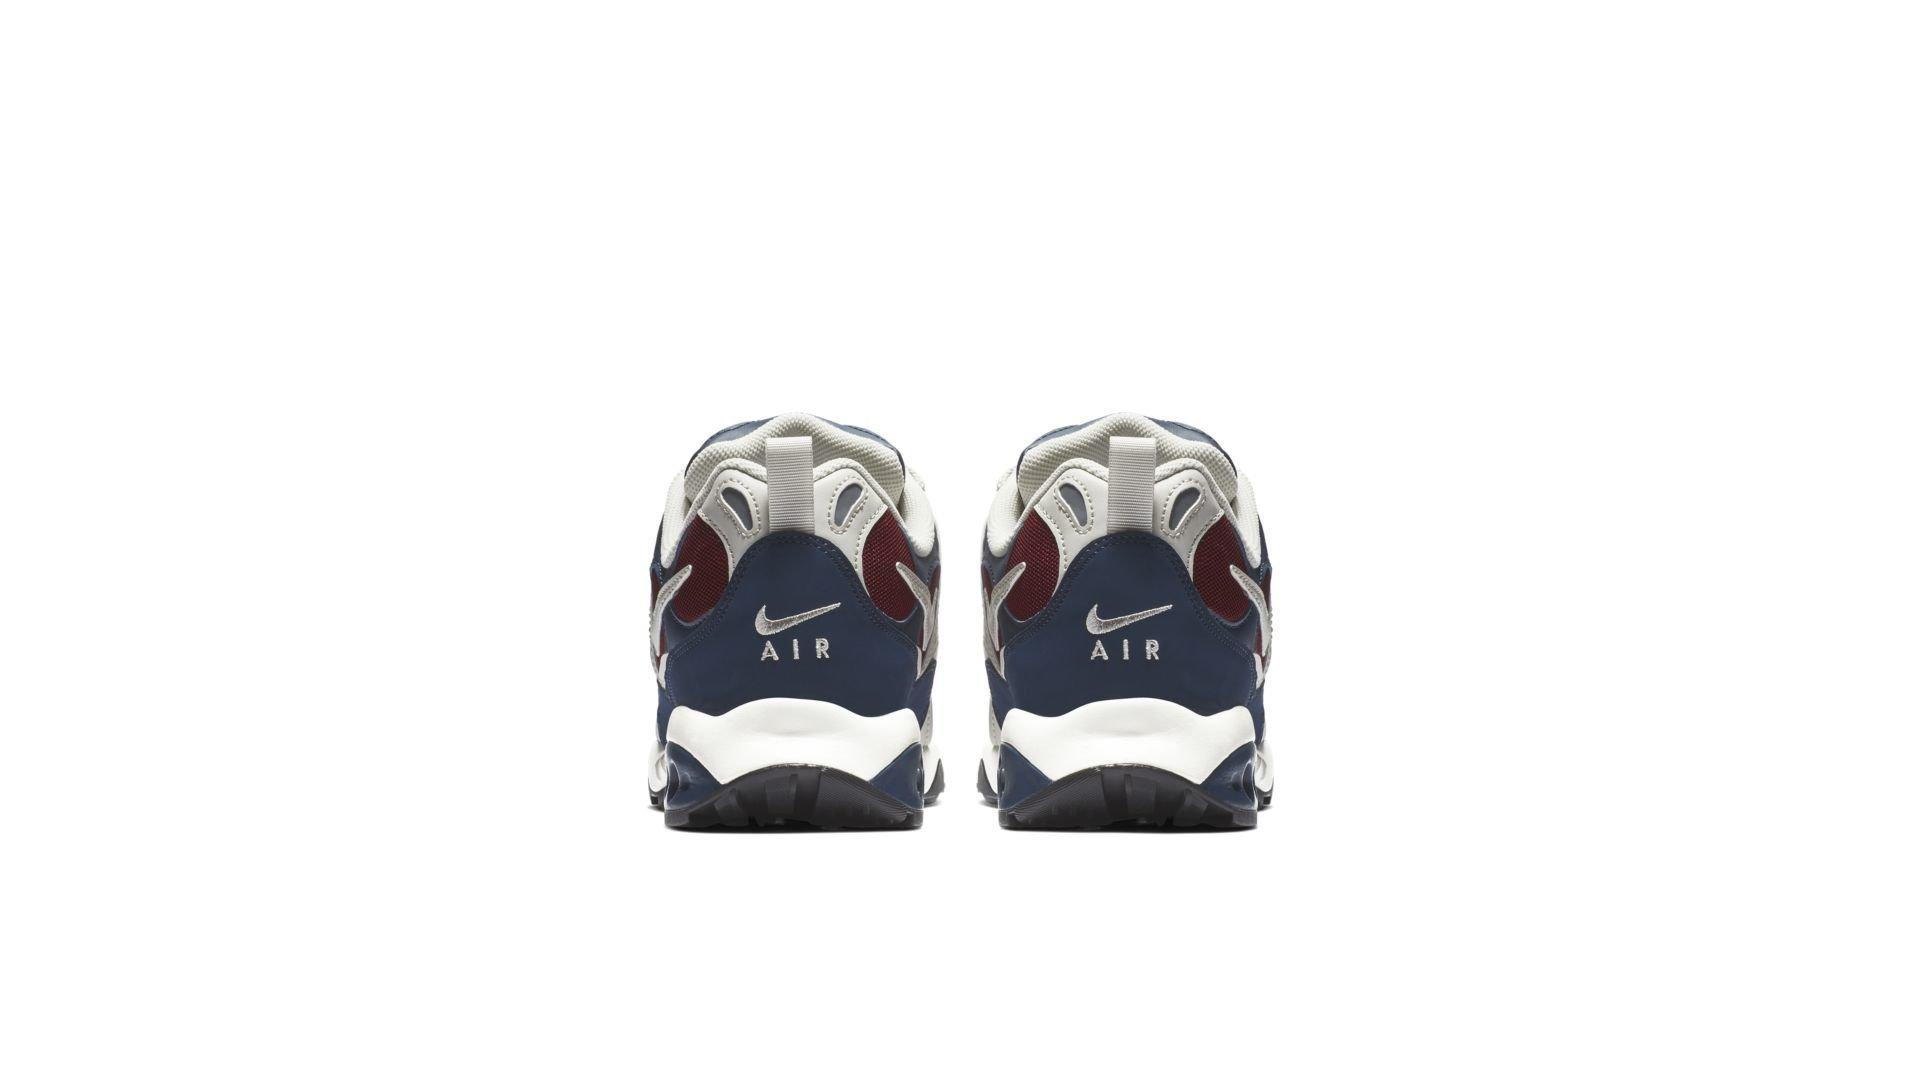 Nike Air Terra Humara 18 Thunder Blue Team Red (AO1545-400)